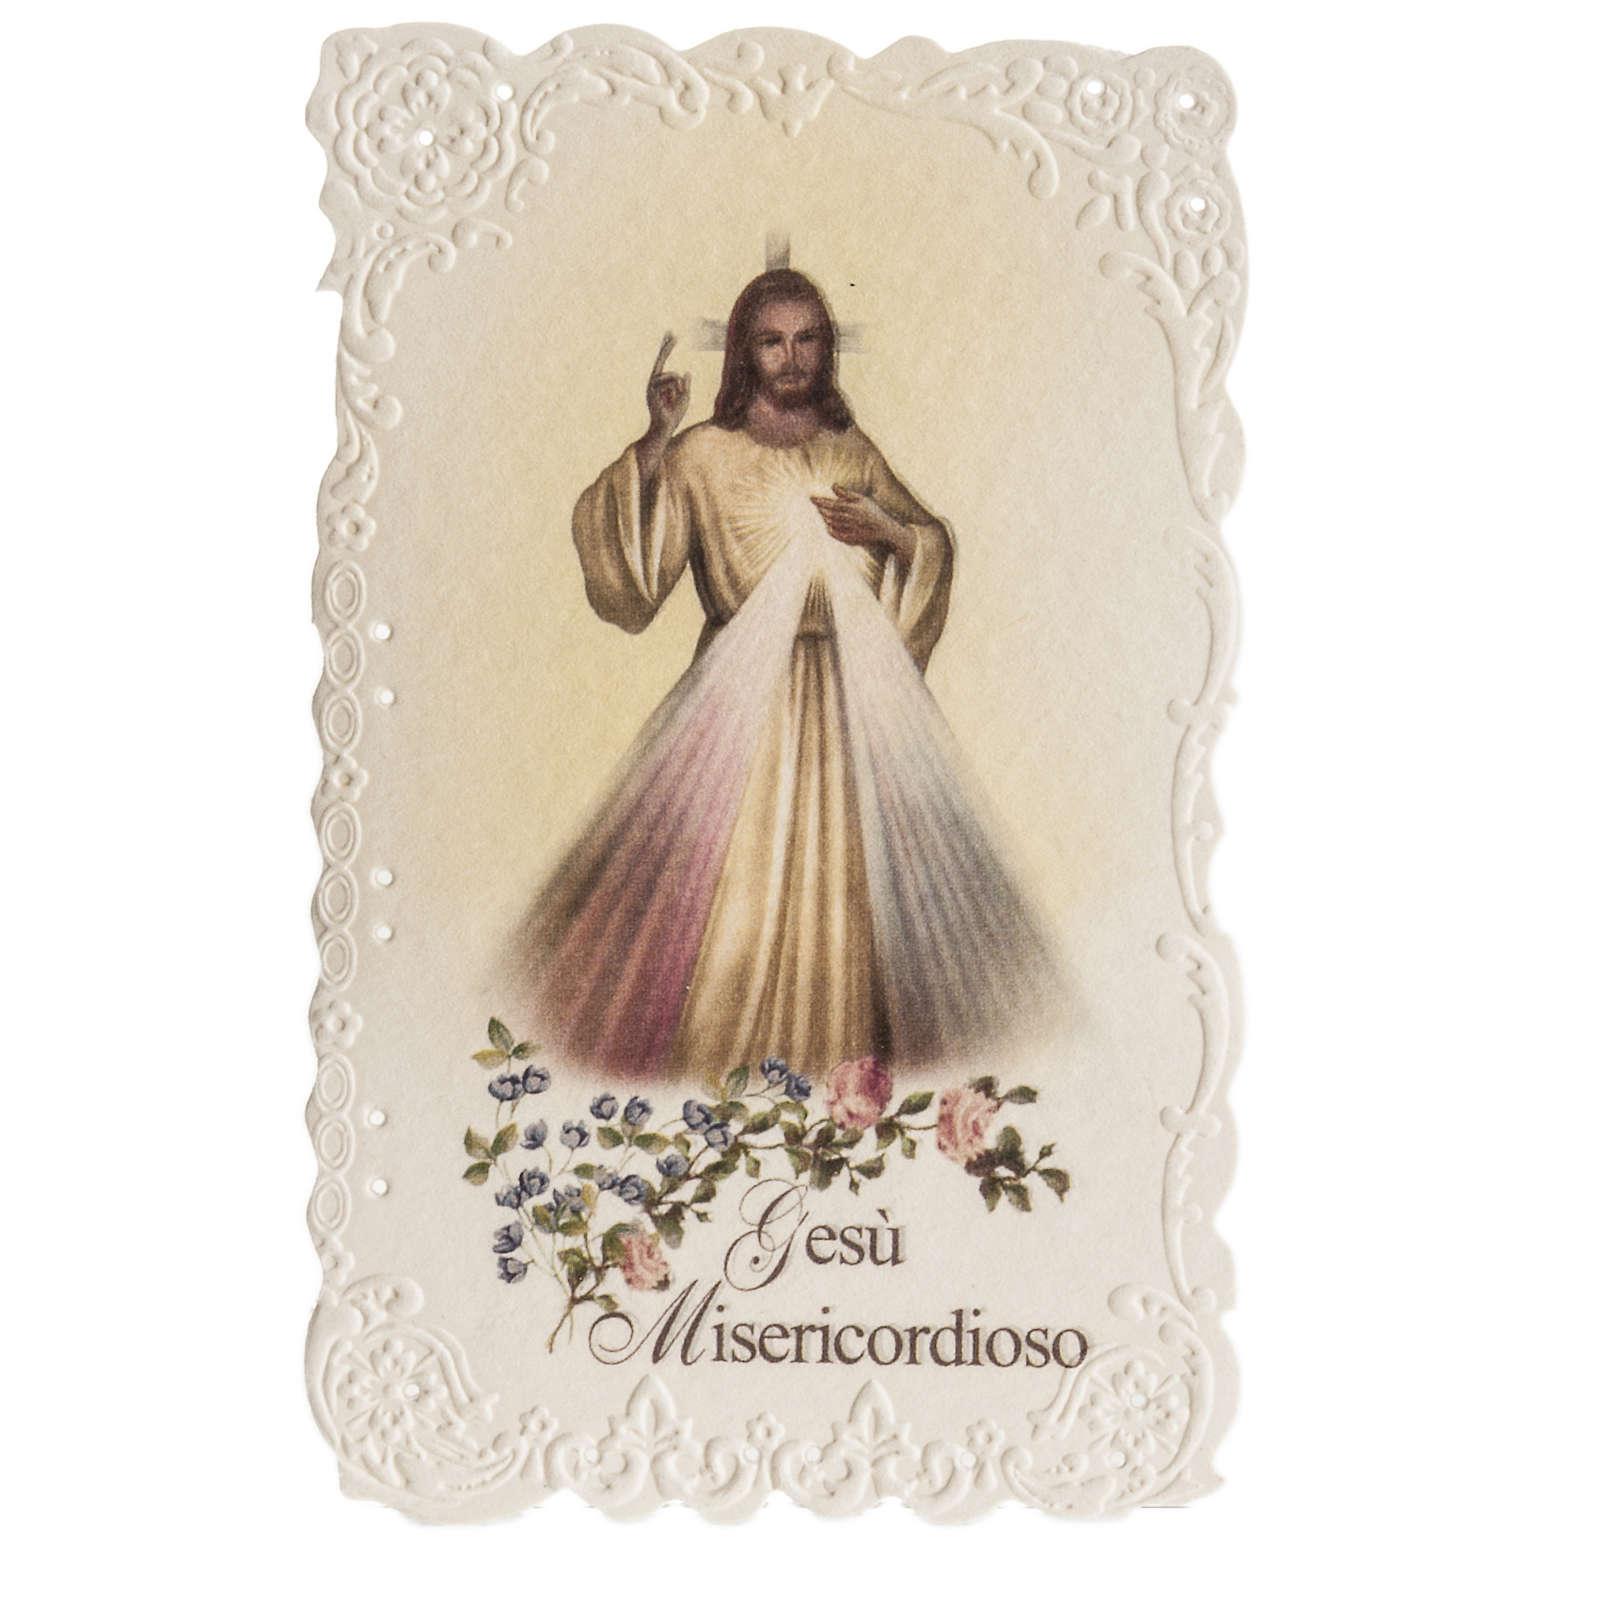 Estampa Gesù Misericordioso con oración (italiano) 4